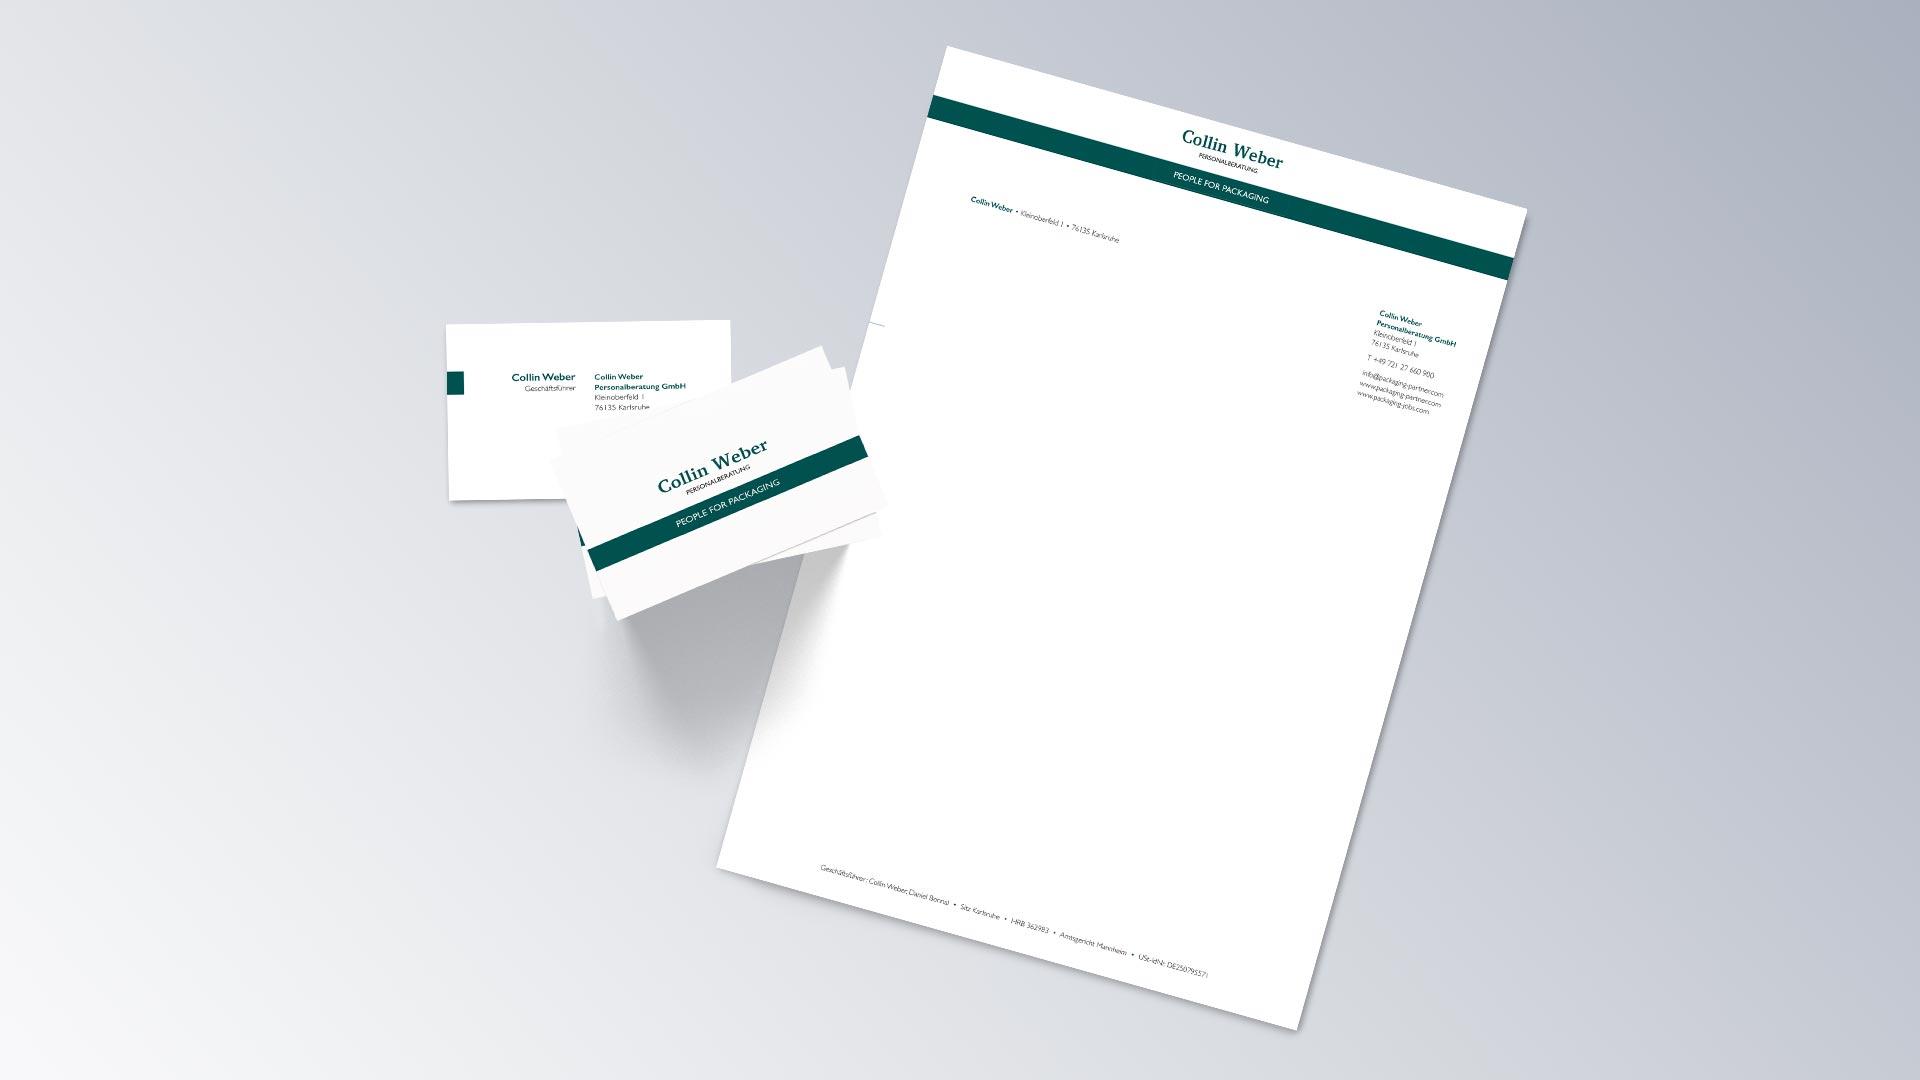 Collin Weber Personalberatung Geschäftsausstattung Visitenkarte Briefbogen